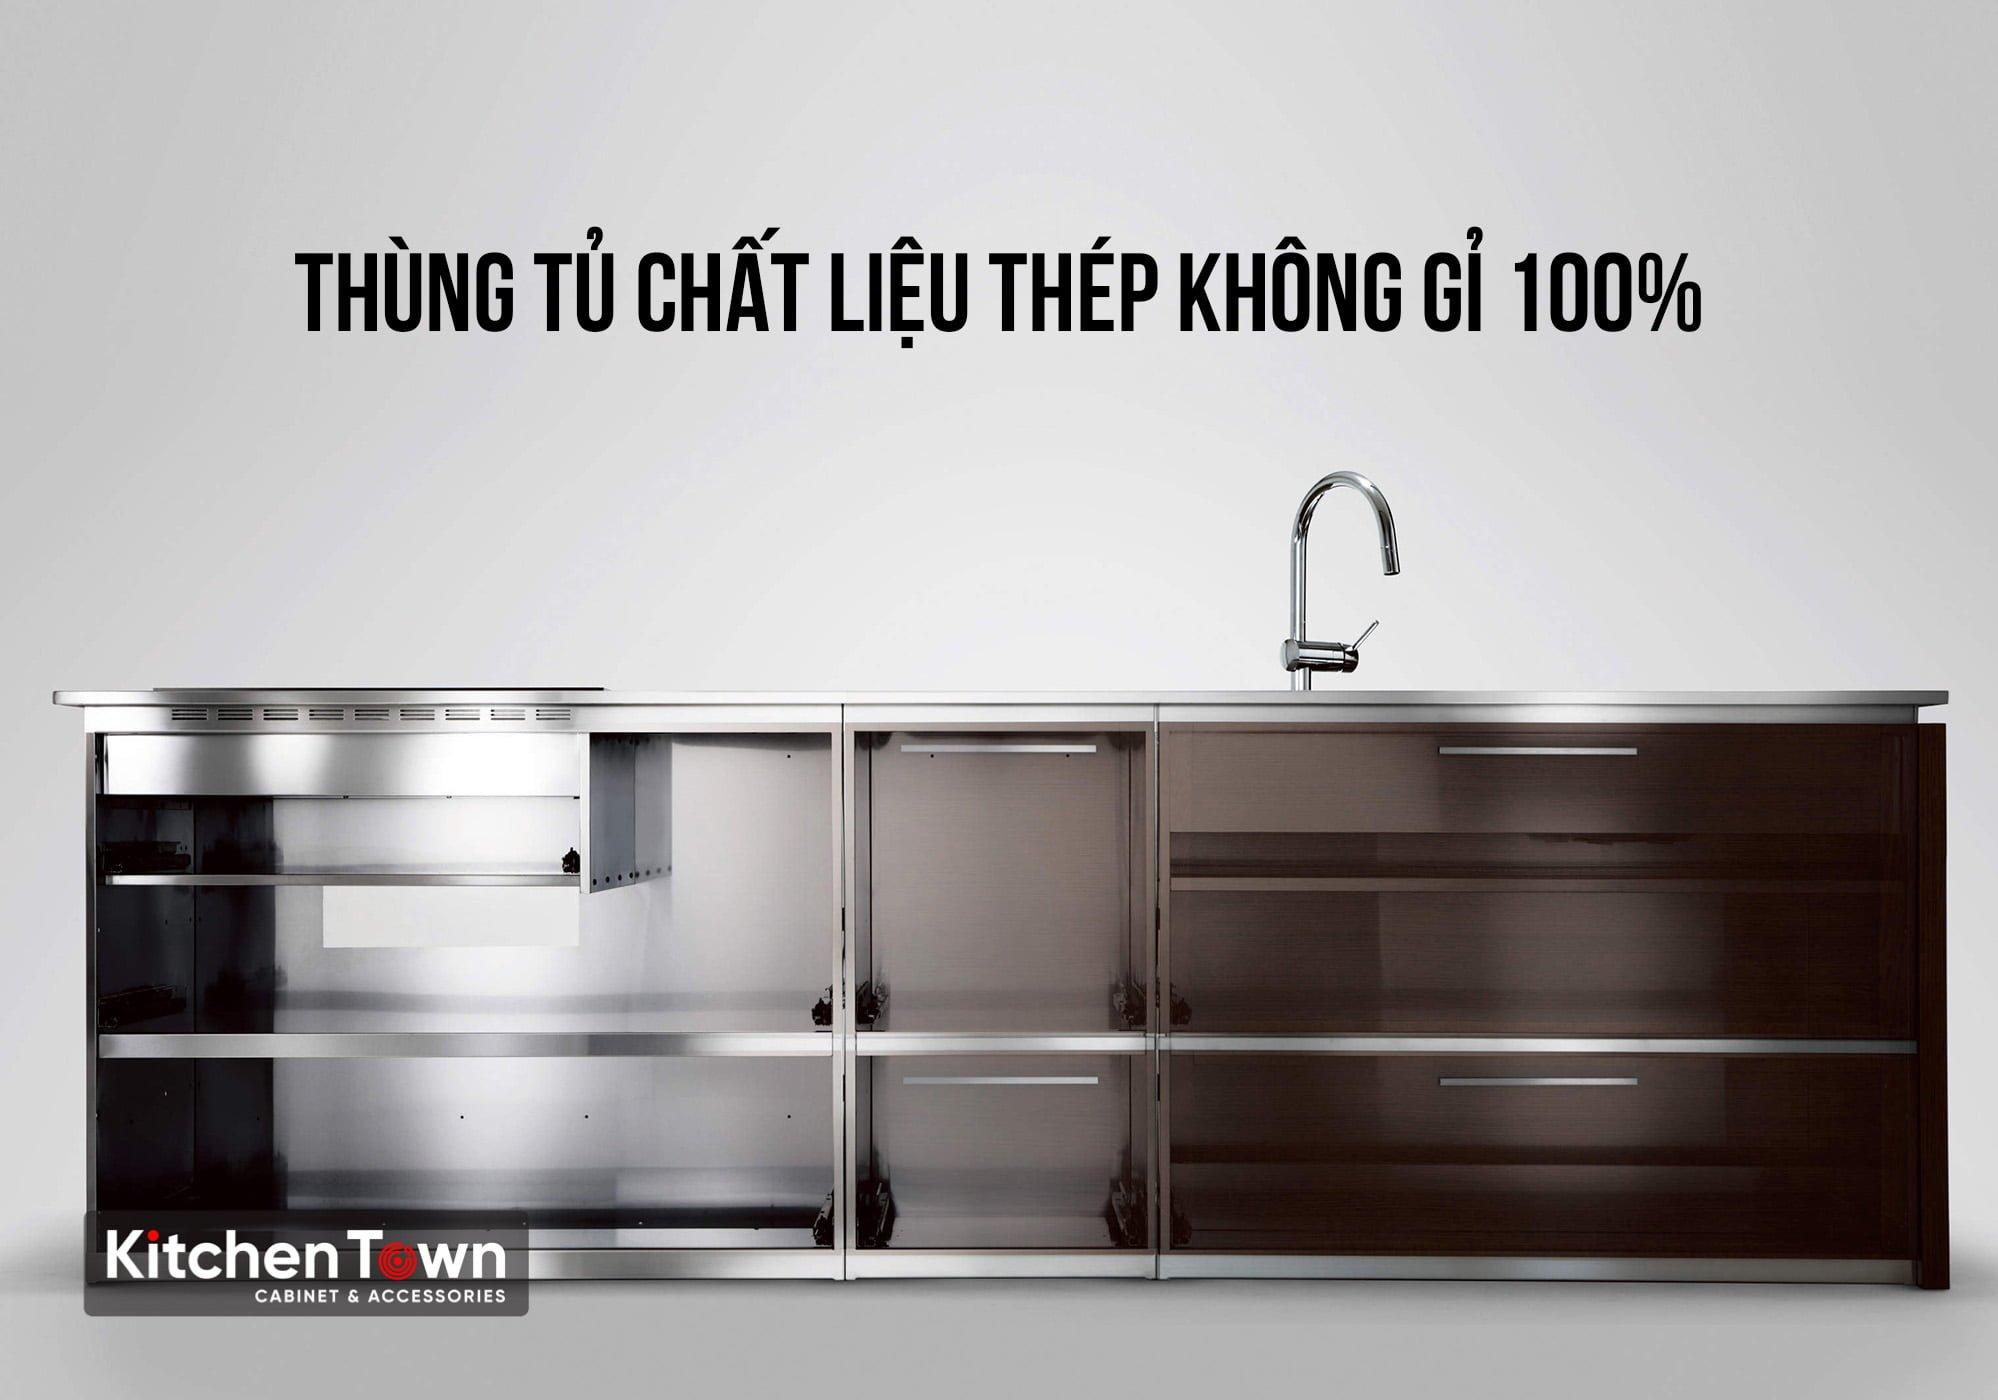 Thùng tủ bếp bằng thép không gỉ 100%